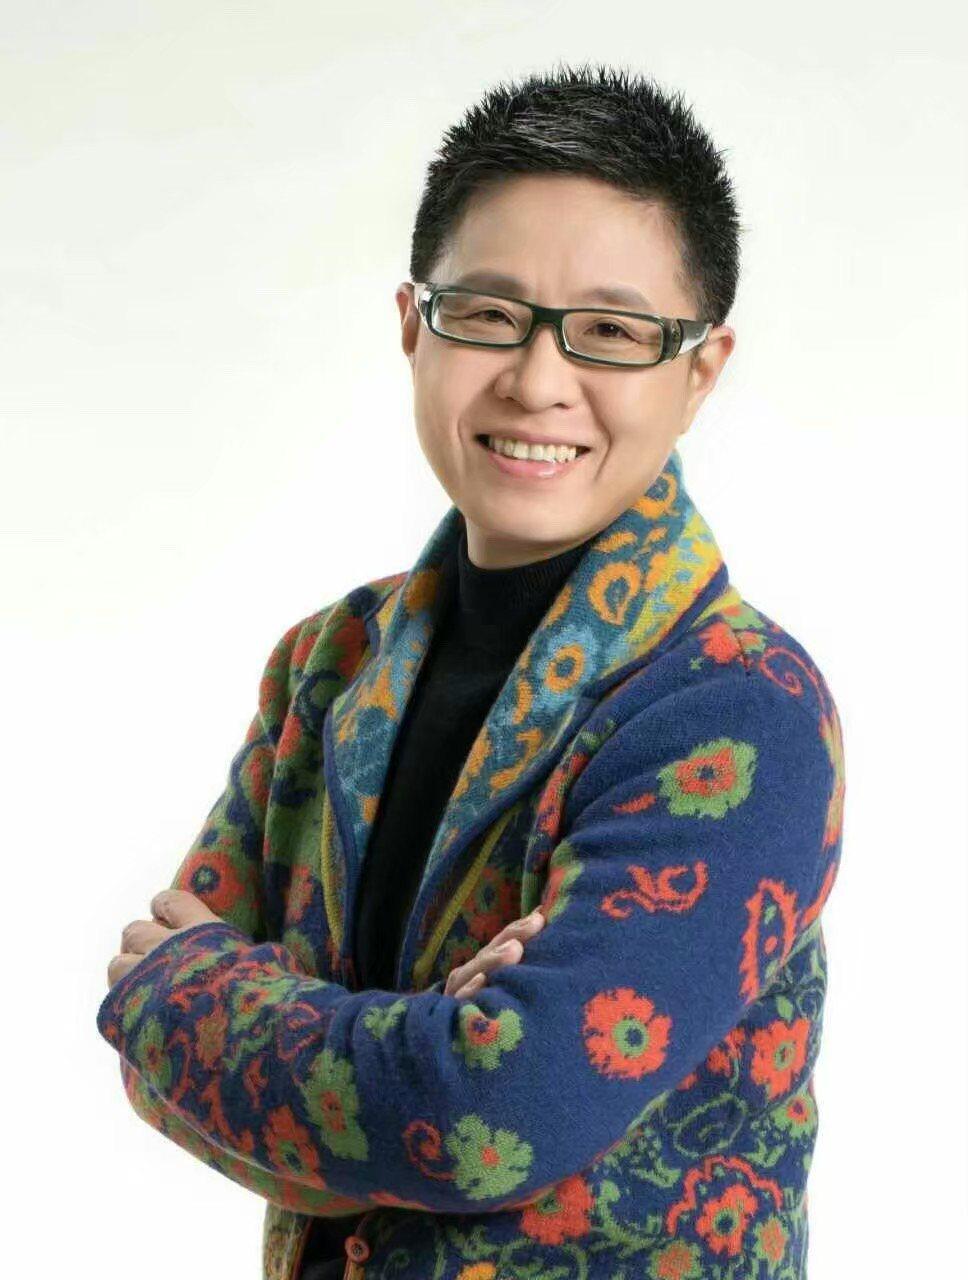 丁曉雯擔任「星火原創音樂大賽」音樂領航員。圖/星火映畫提供